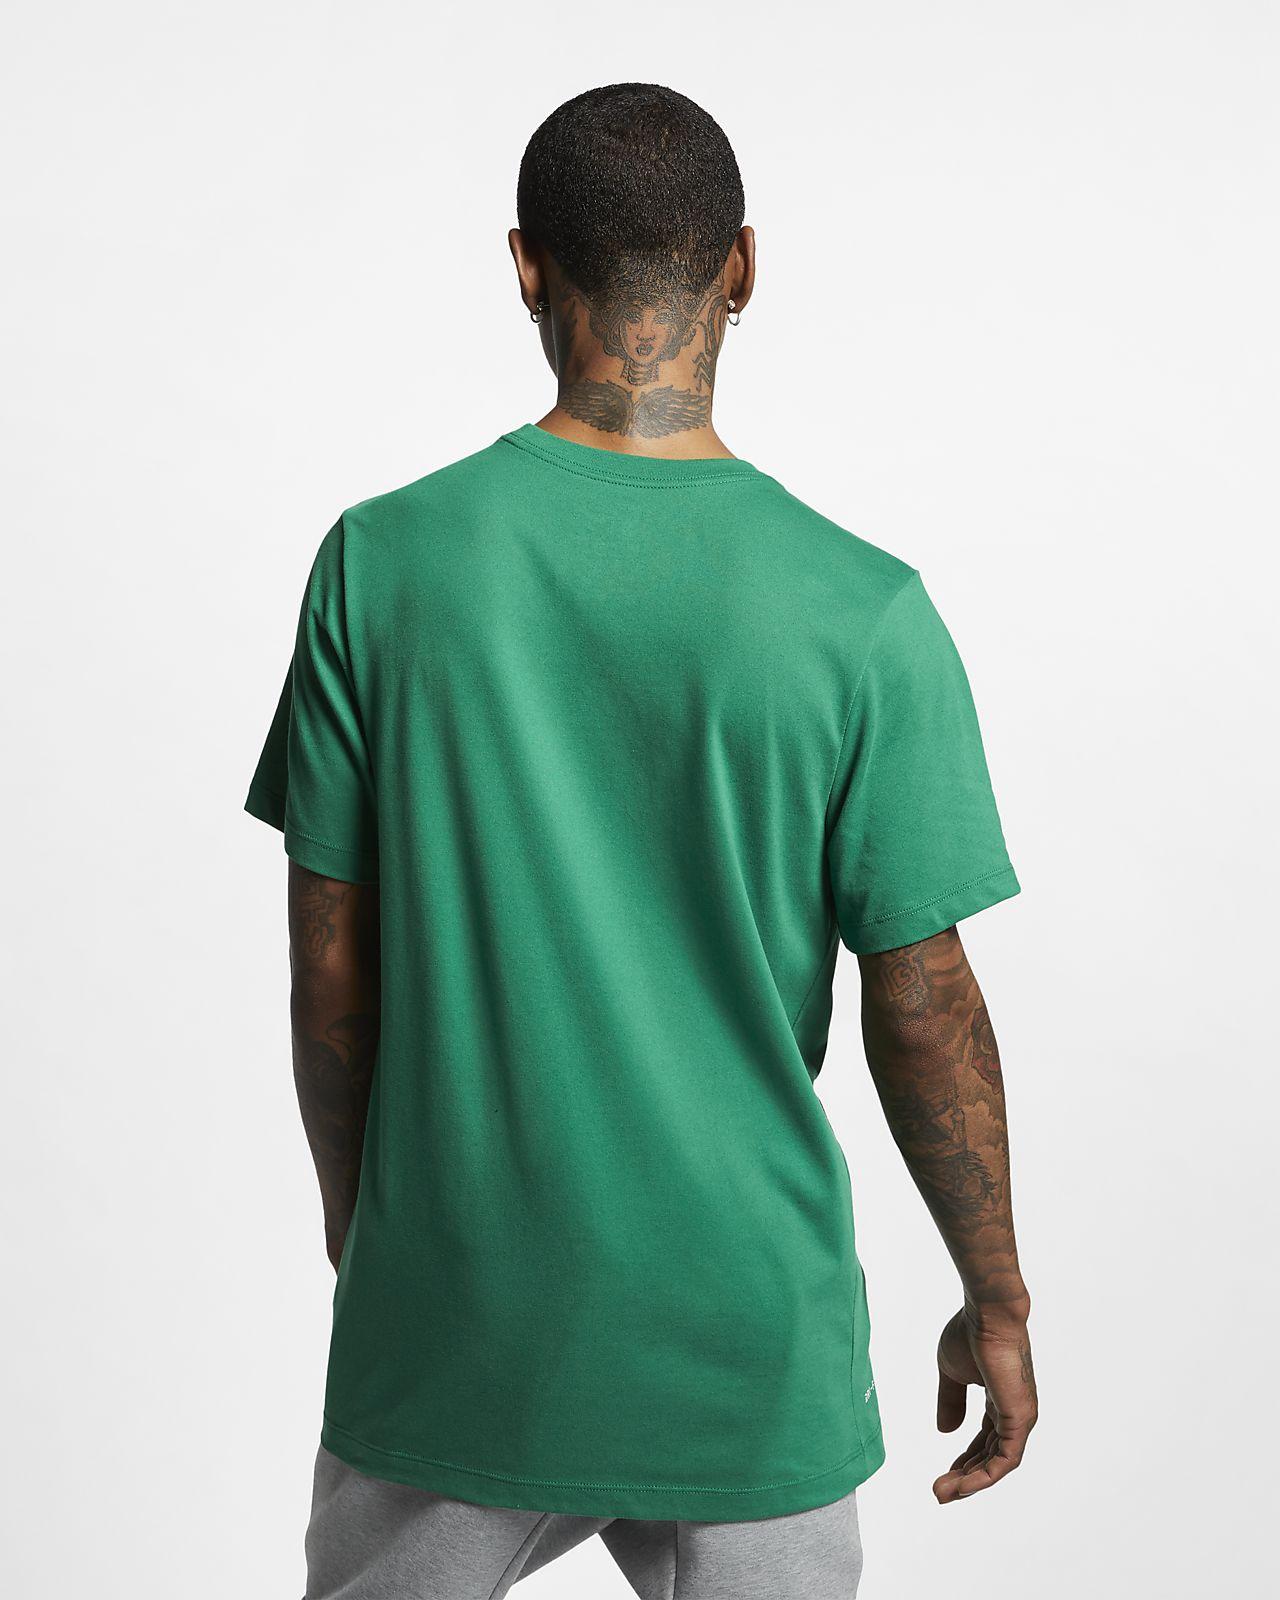 b1b439e1c Boston Celtics Nike Dri-FIT Men's NBA T-Shirt. Nike.com PT